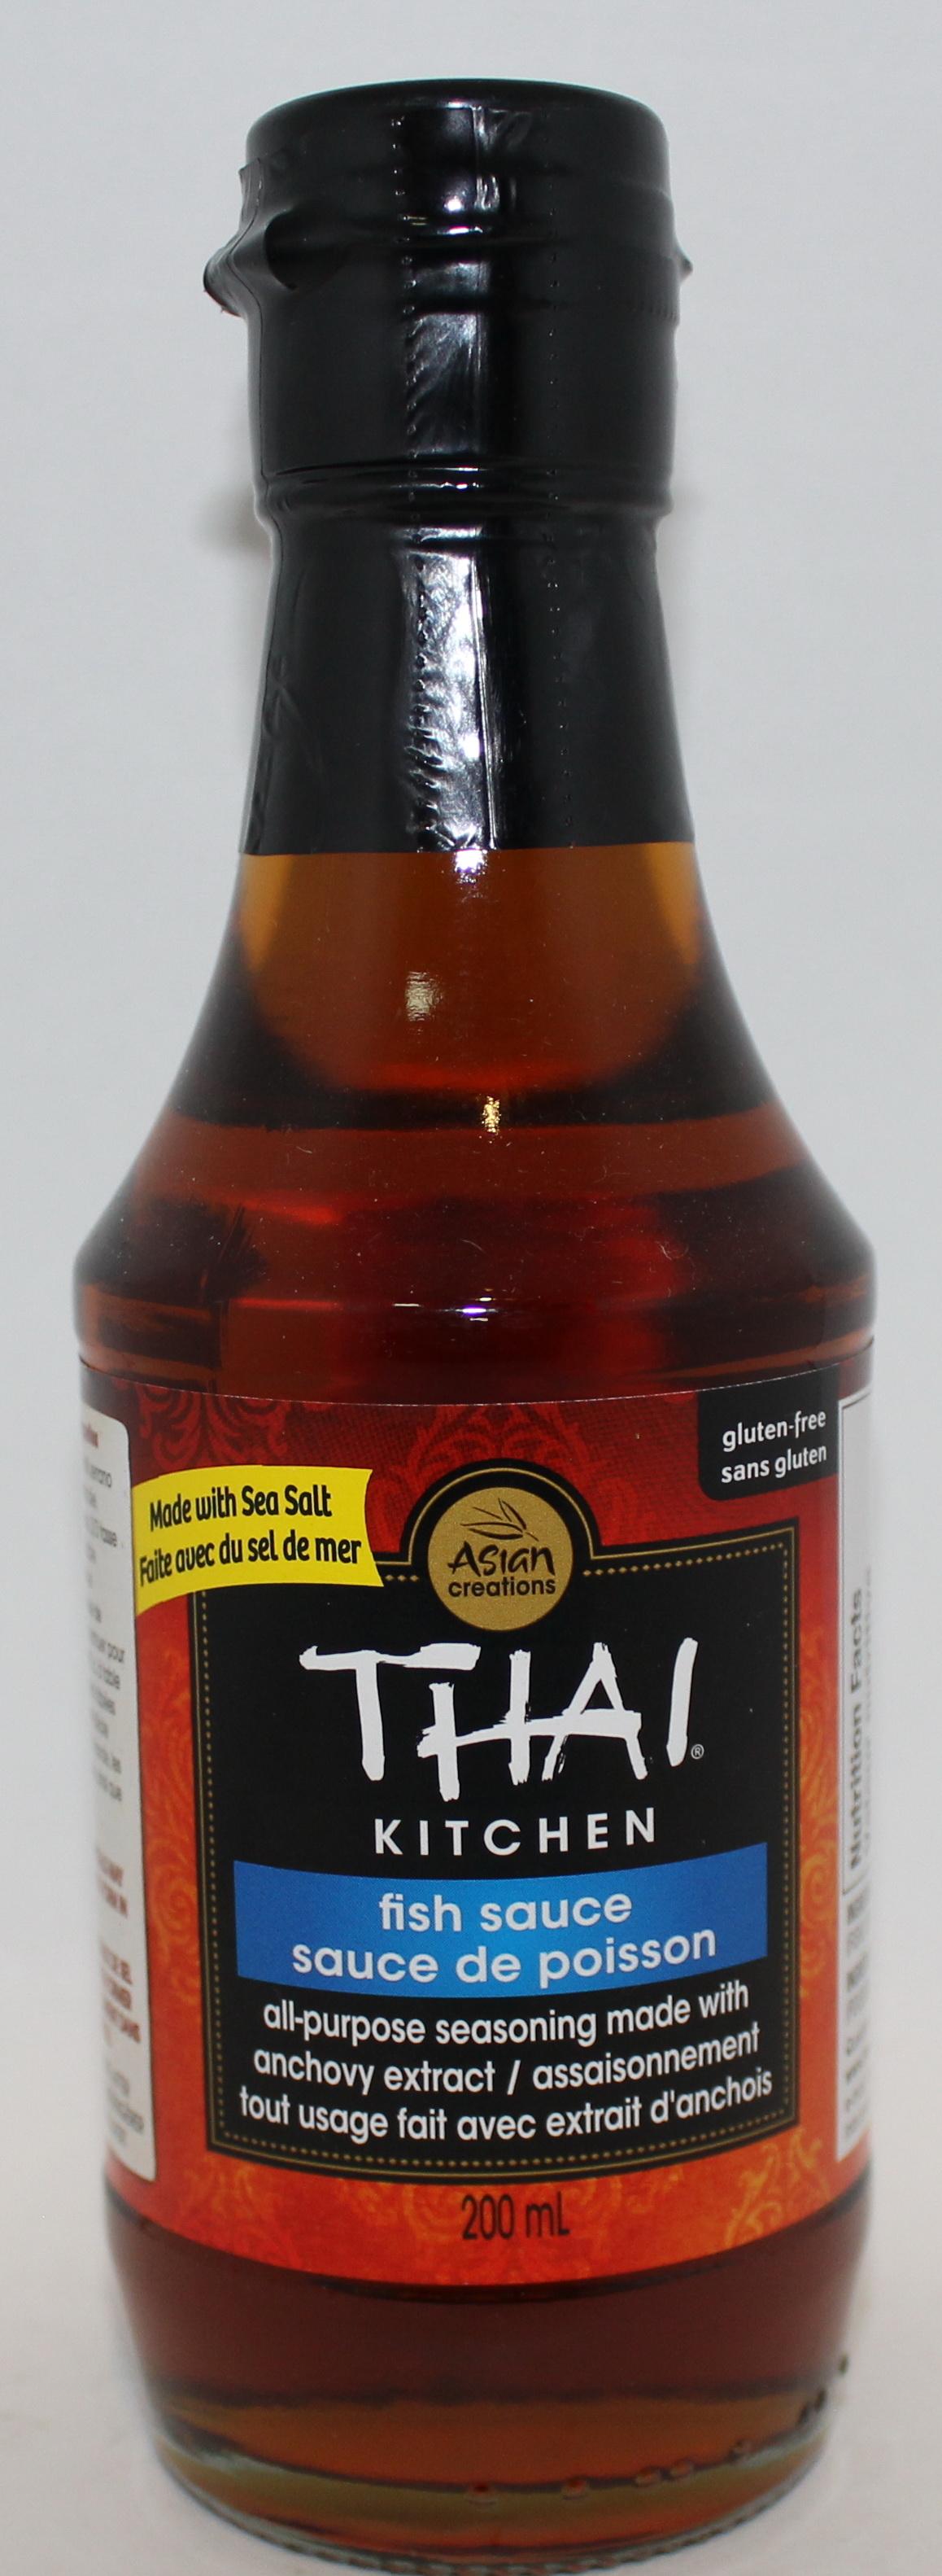 SAUCE THAI KITCHEN FISH SAUCE 200ML